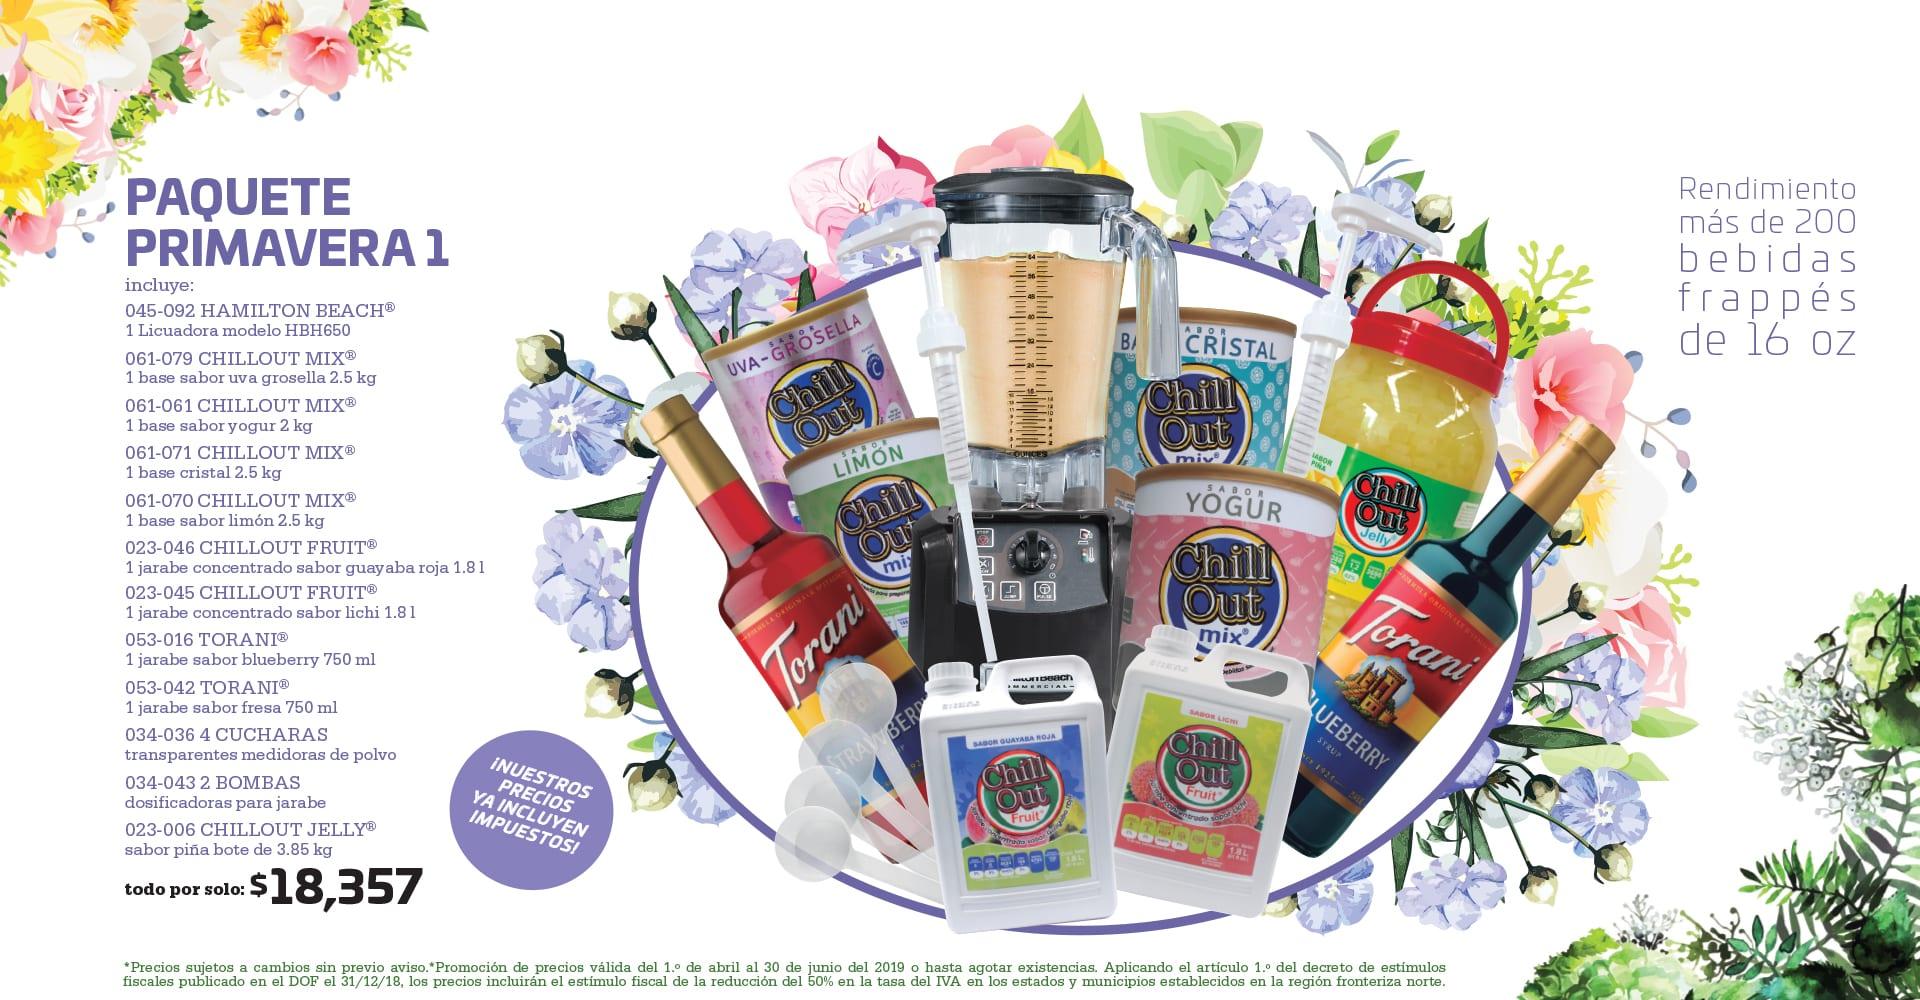 Paquete primavera 1 Ofertas para cafeterías